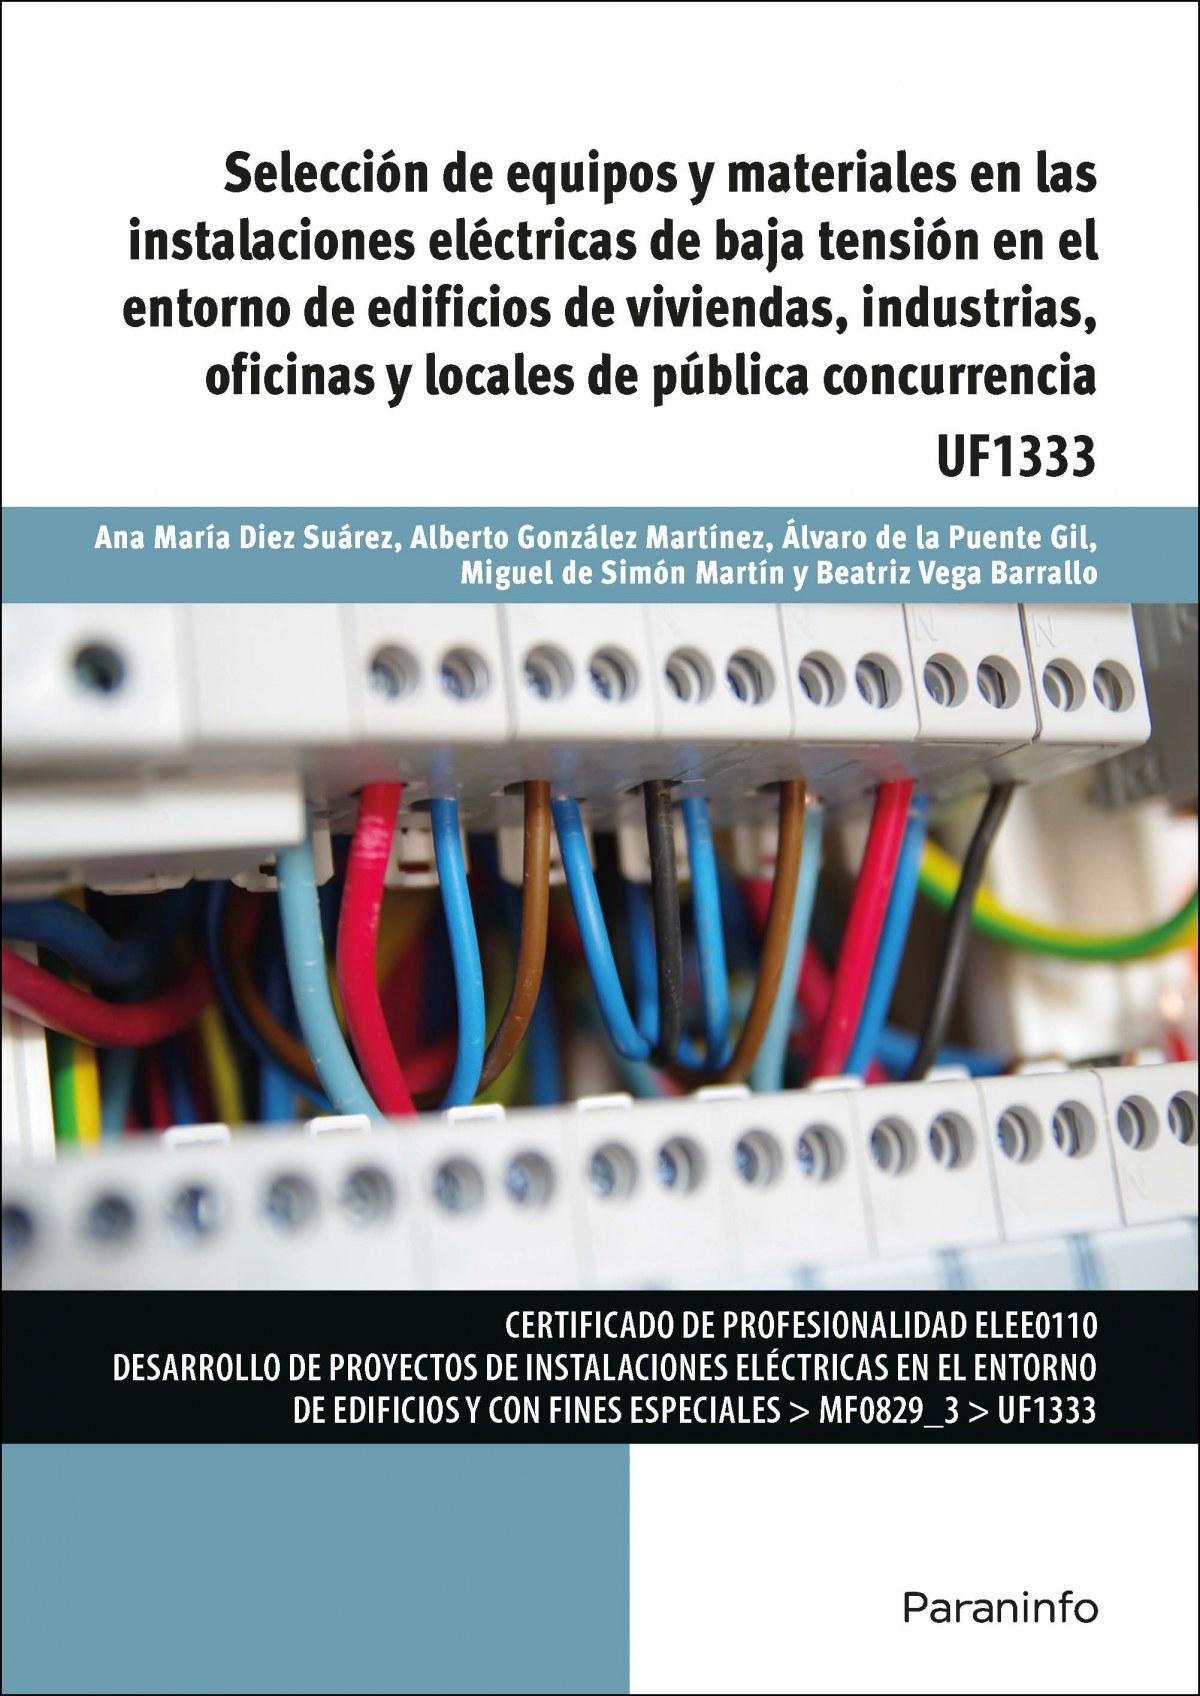 SELECCION DE EQUIPOS Y MATERIALES INSTALACIONE ELECTRICAS